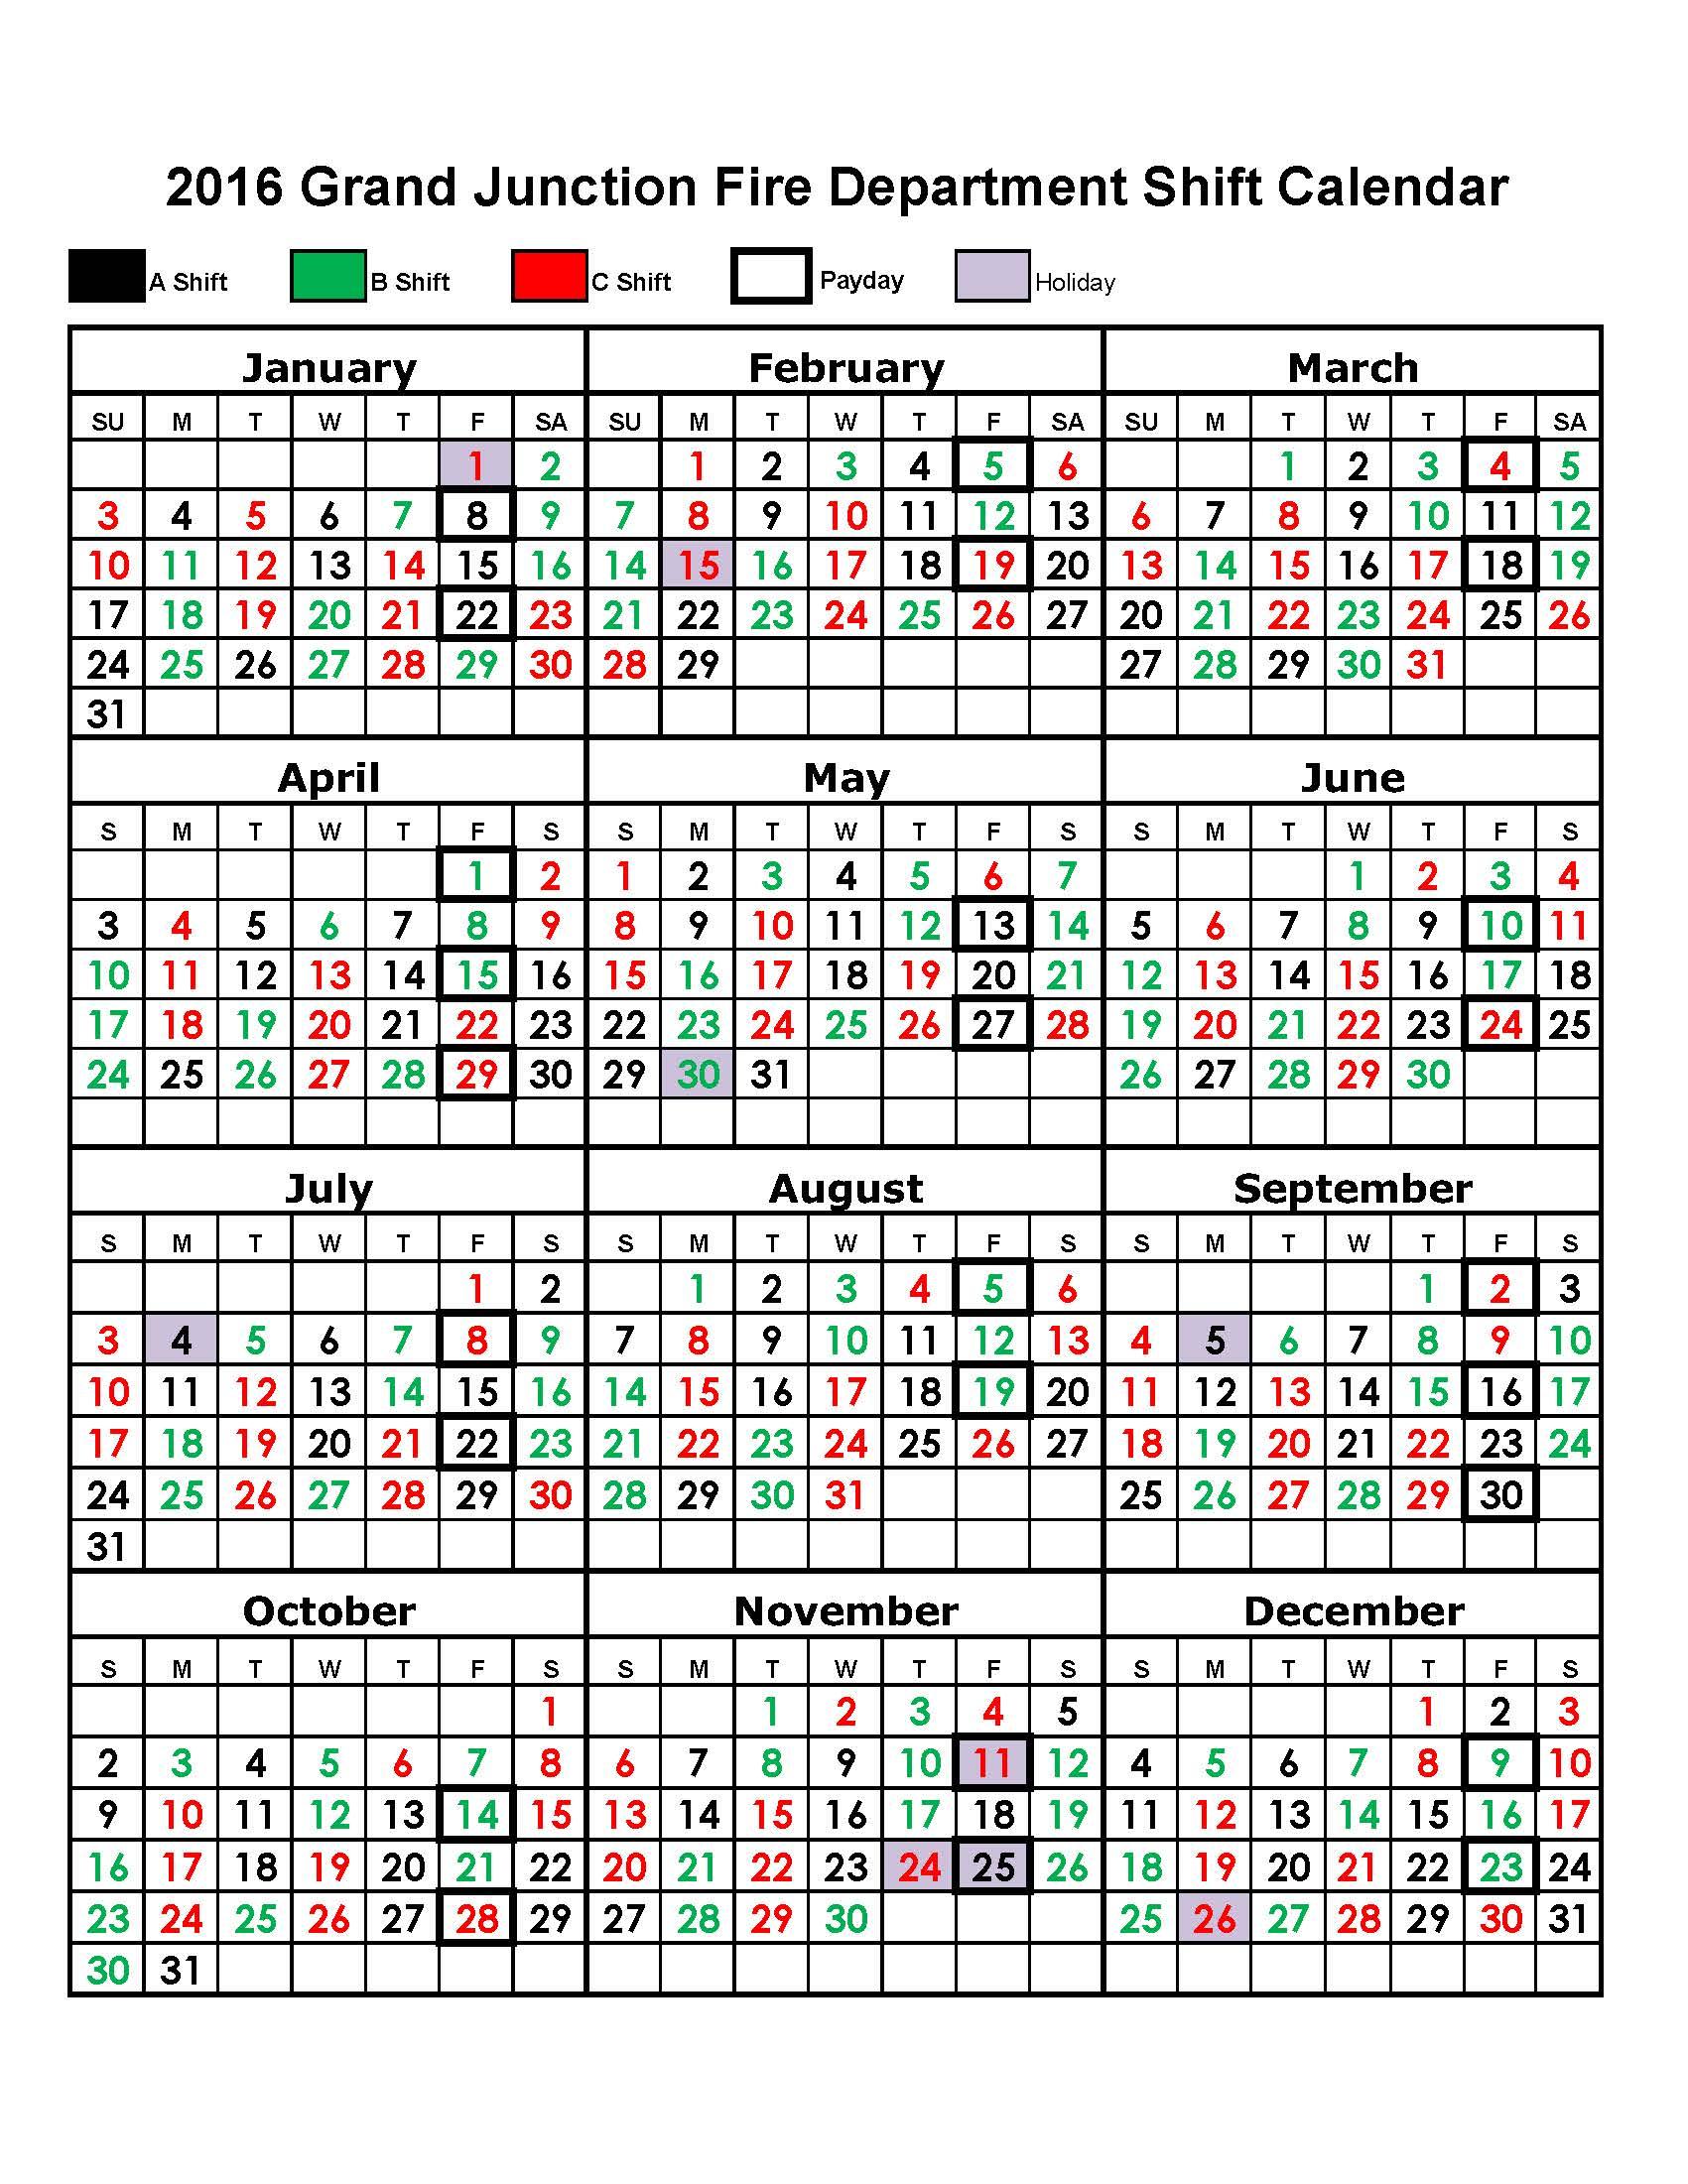 Shift Calendar – Grand Junction Fire Department News For Houston Fire Department Shift Calendar